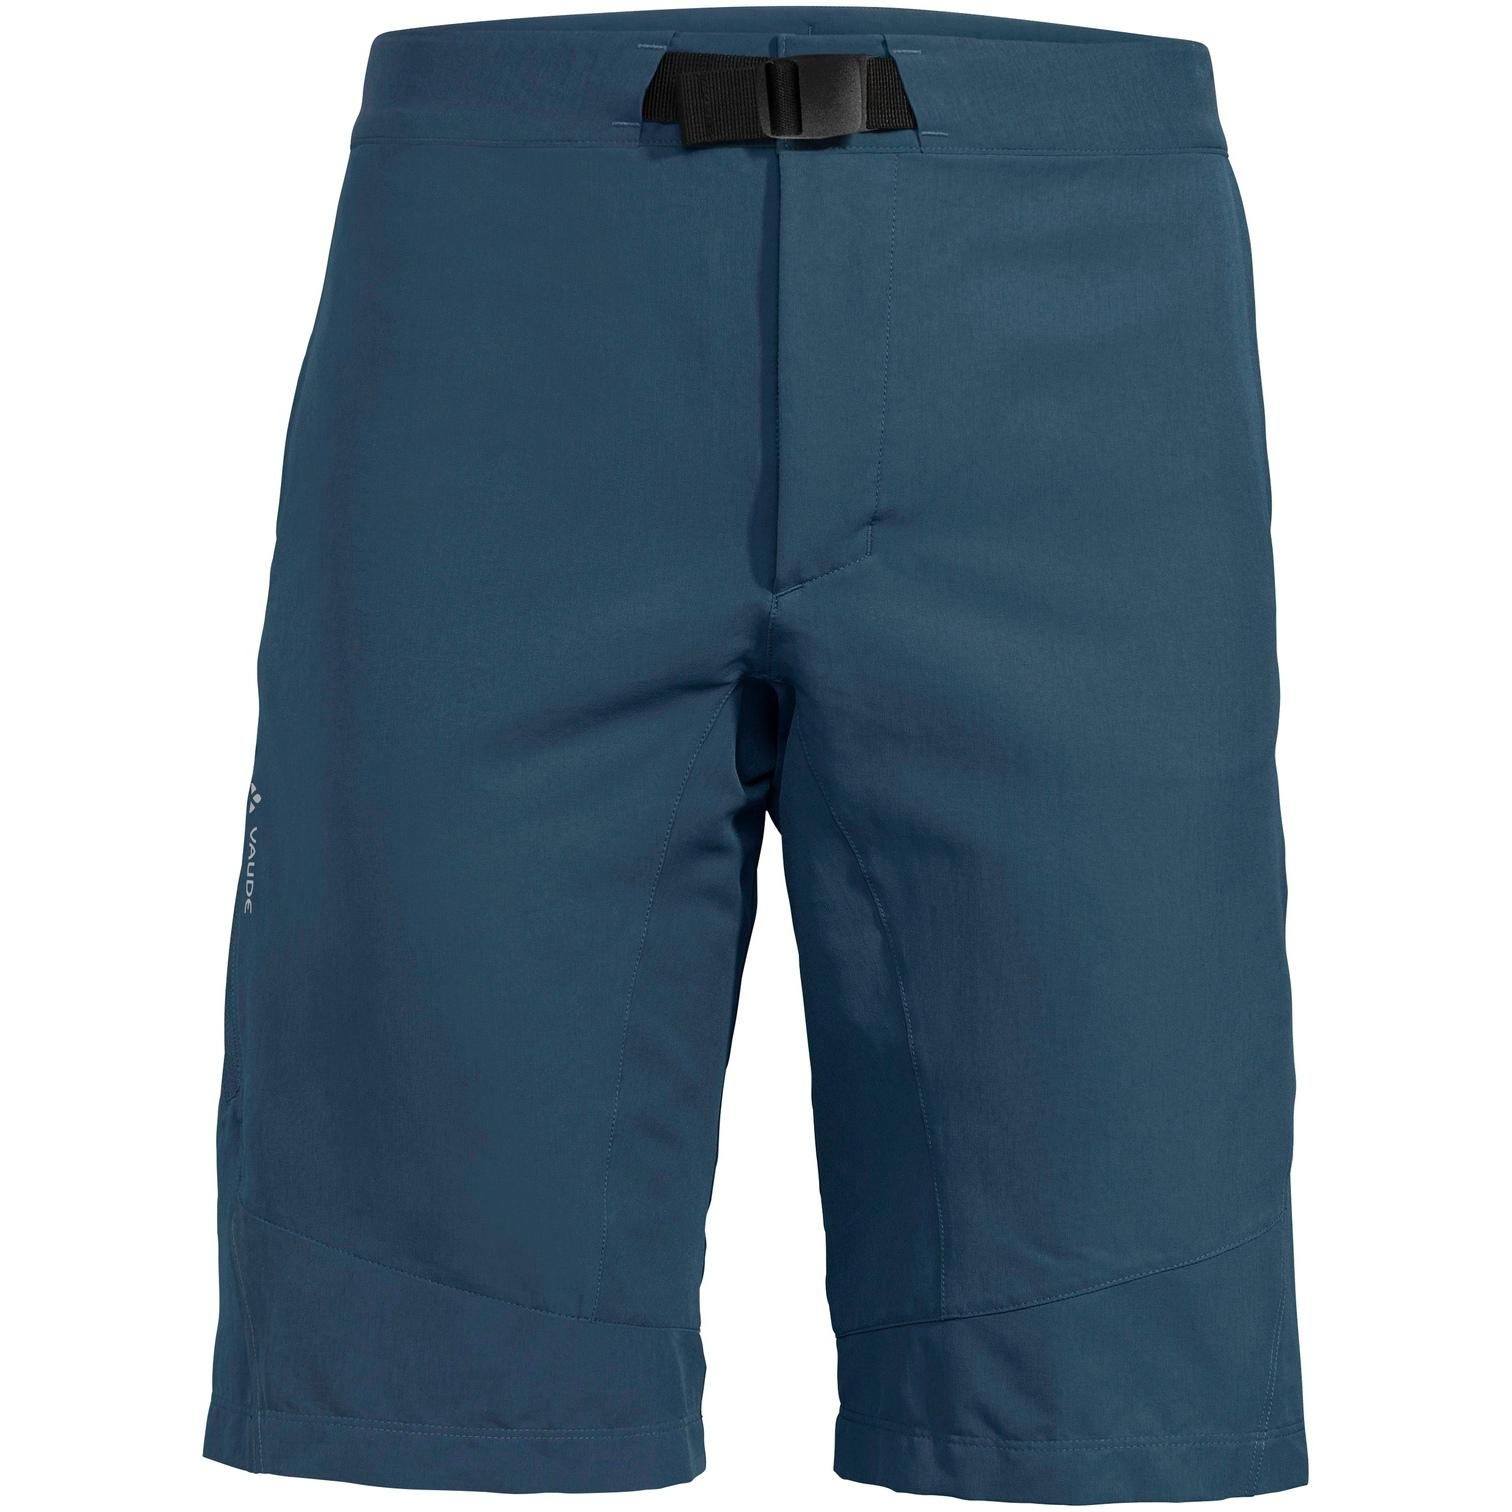 Vaude Men's Tekoa Shorts II - baltic sea